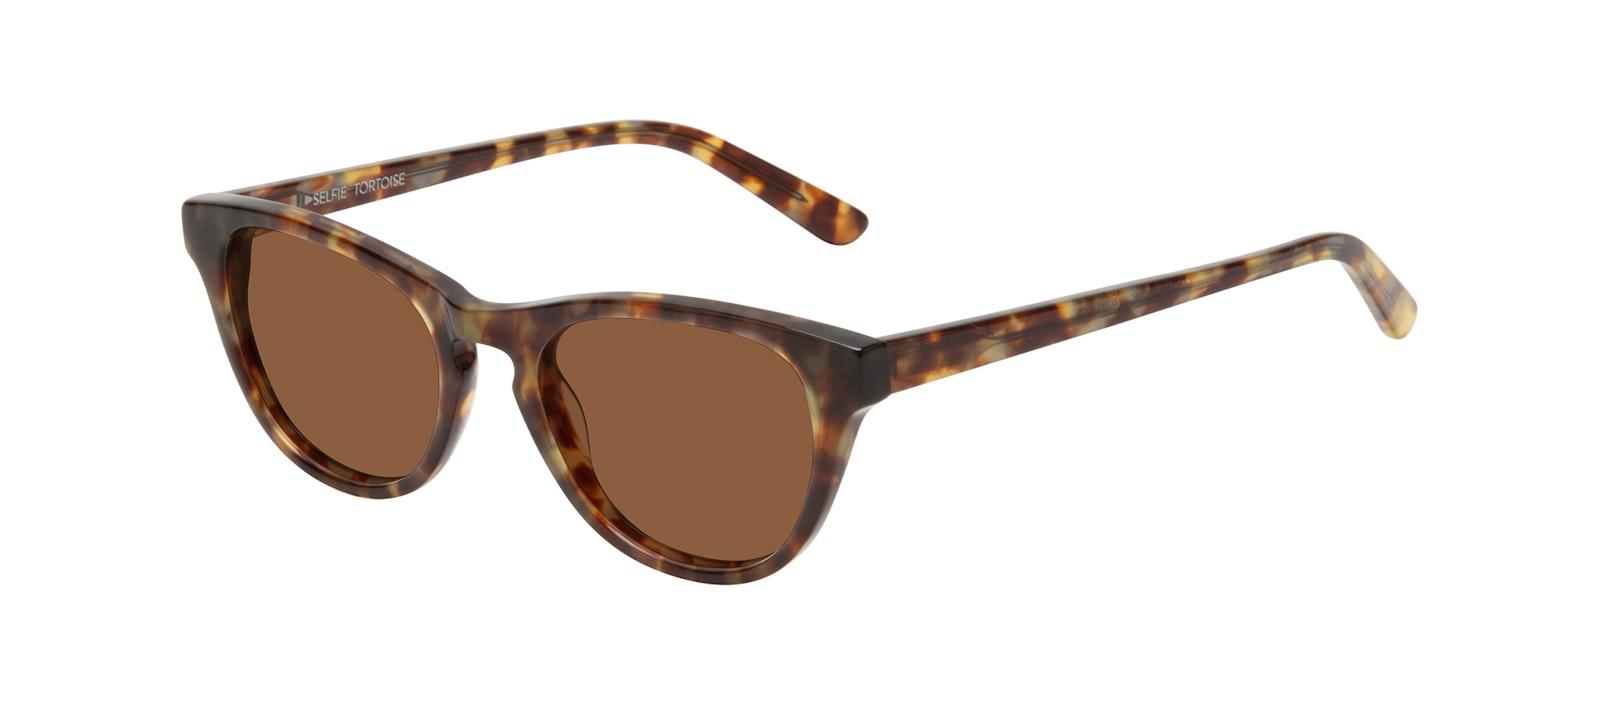 Affordable Fashion Glasses Cat Eye Sunglasses Women Selfie Tortoise Tilt